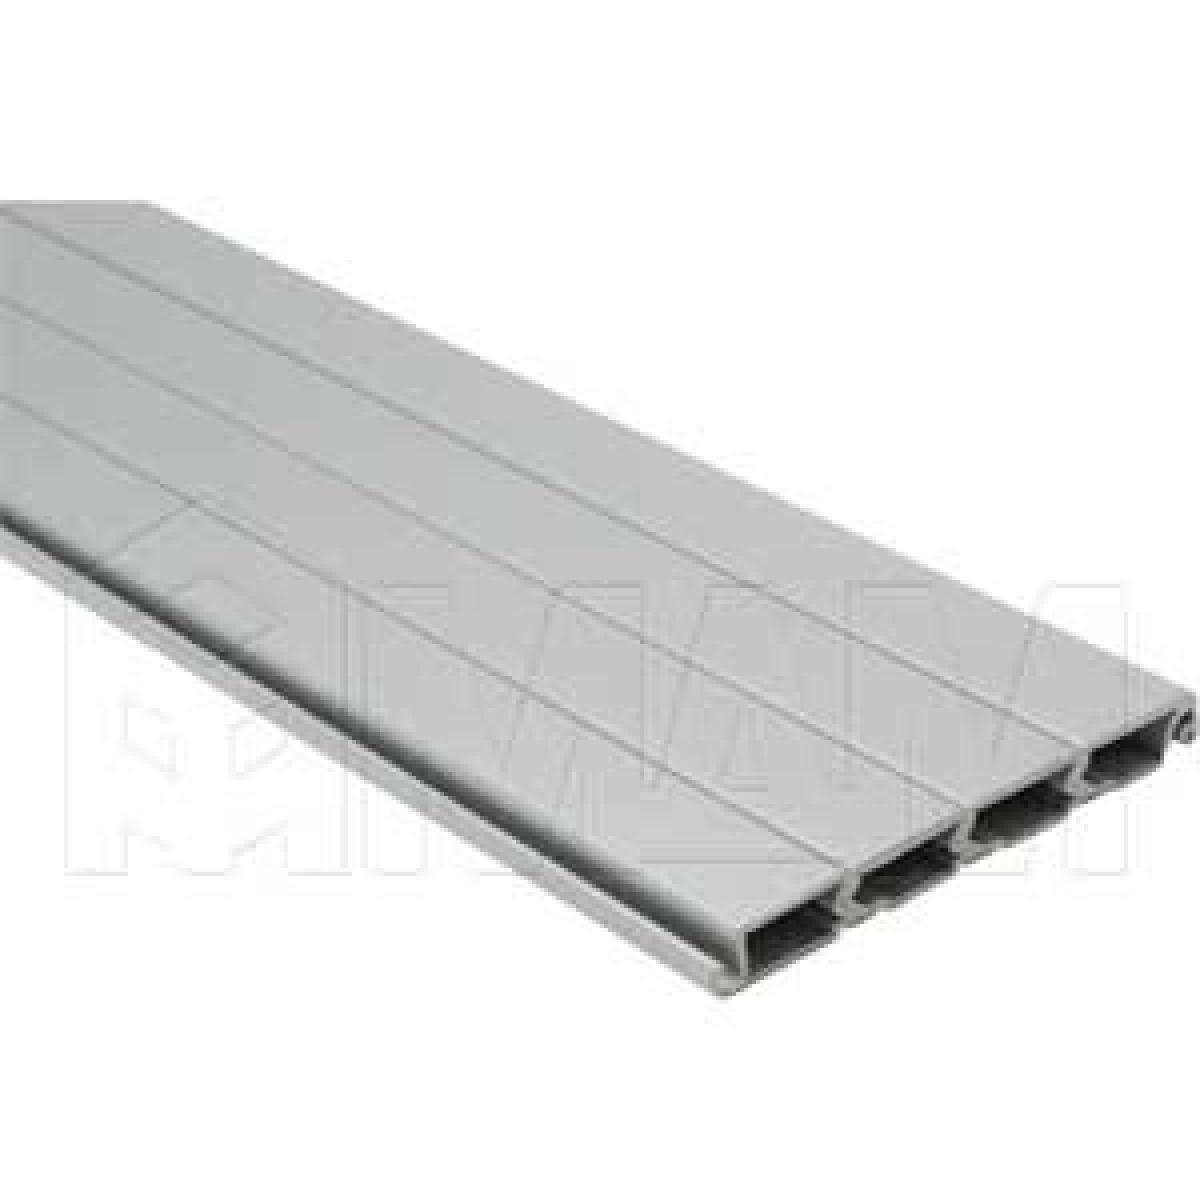 3663 жалюзи, 70 мм (4 ламели), серебро, L-2600